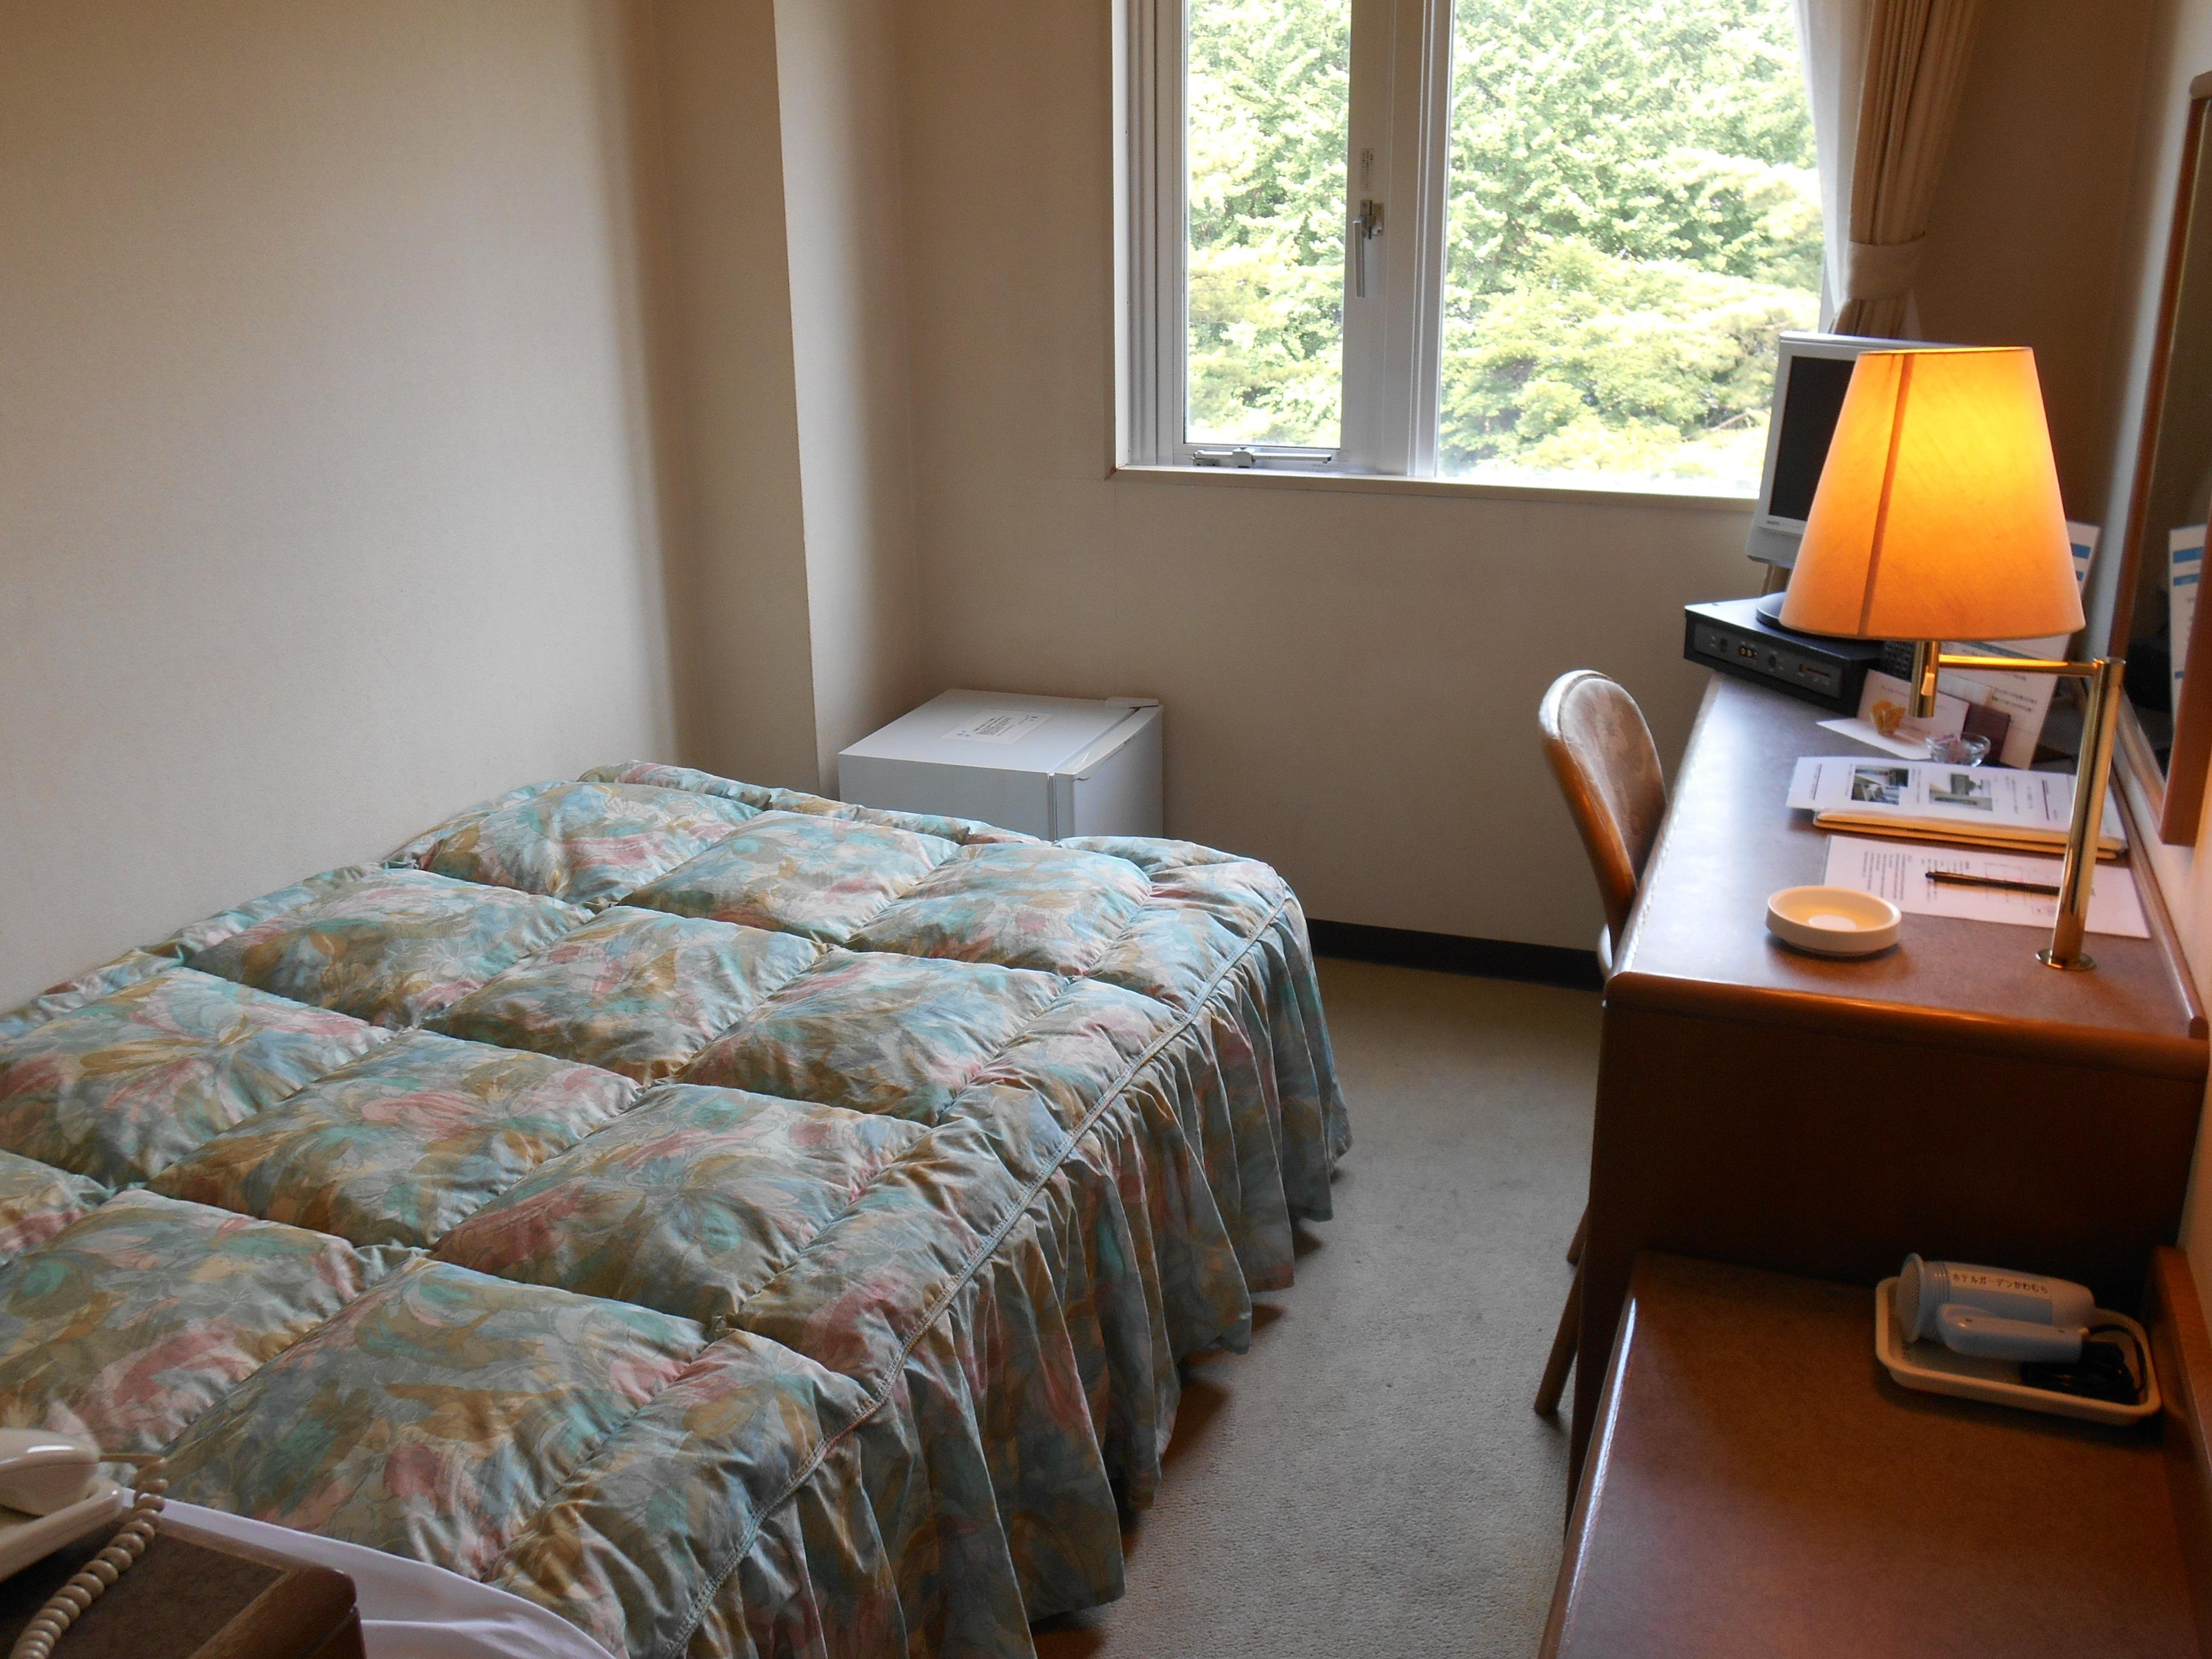 第二北部自動車学校の宿泊施設詳細